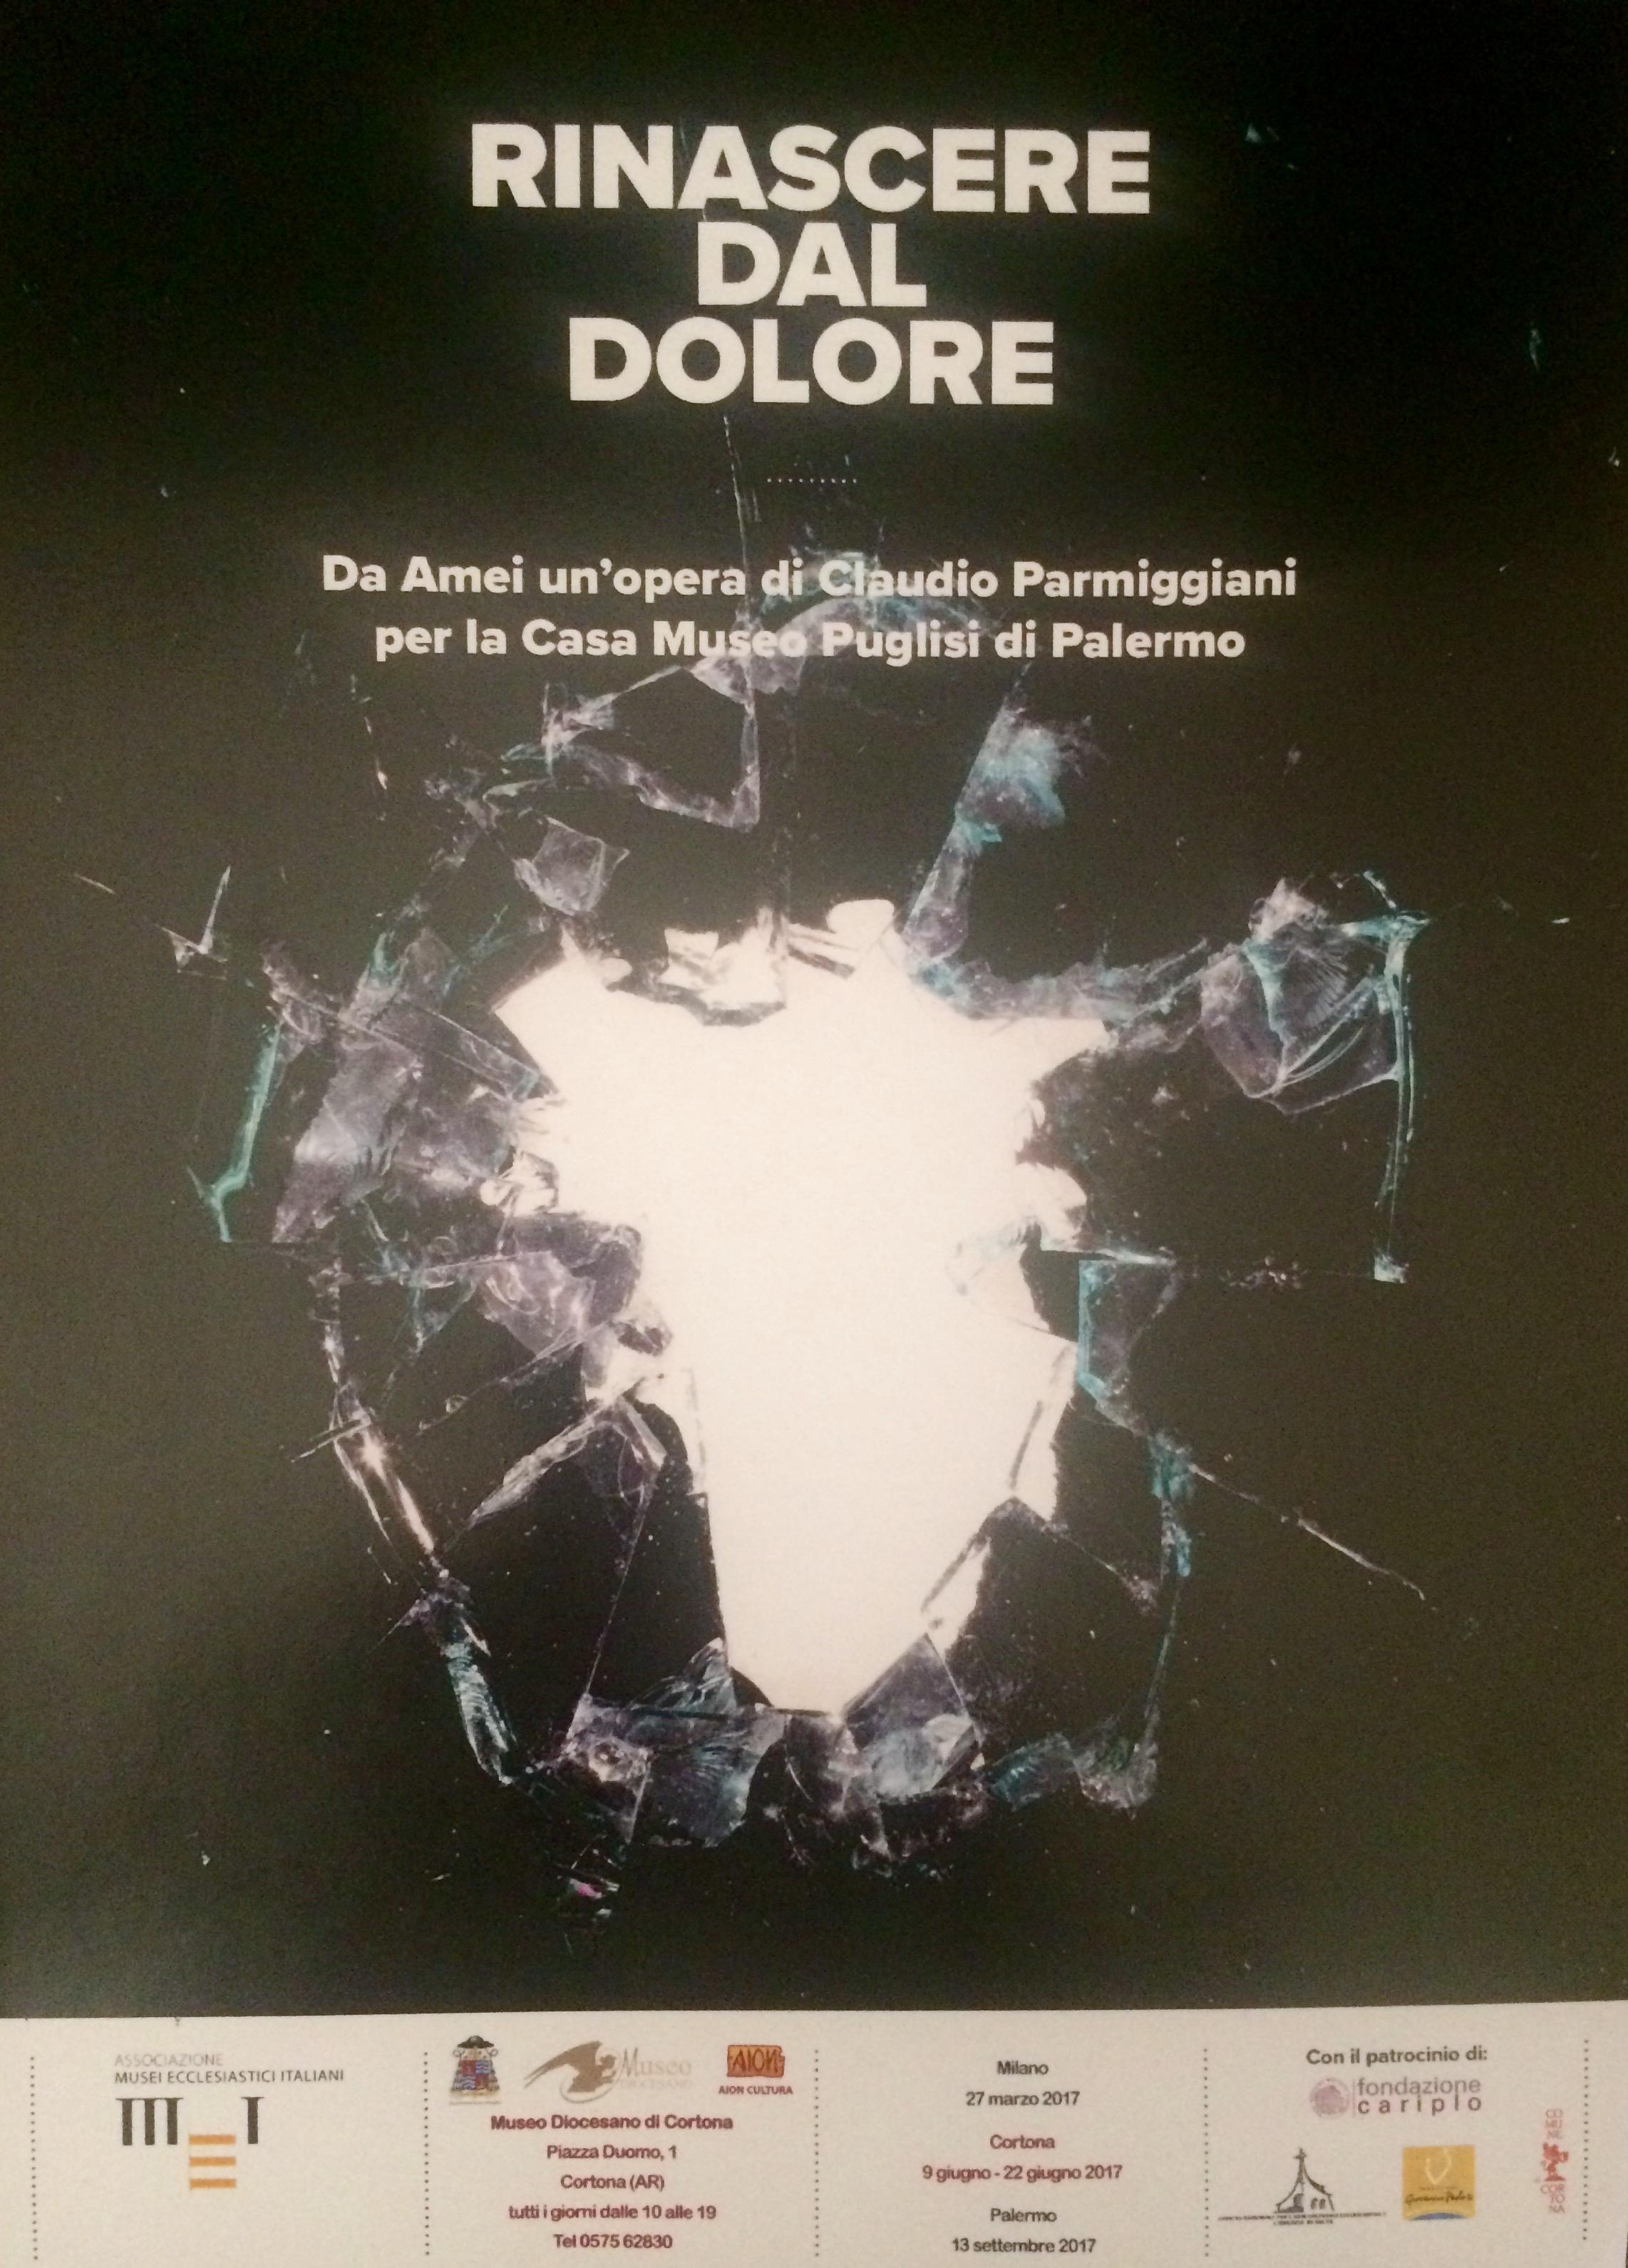 'Rinascere dal dolore', l'opera di Parmeggiani al Diocesano di Cortona